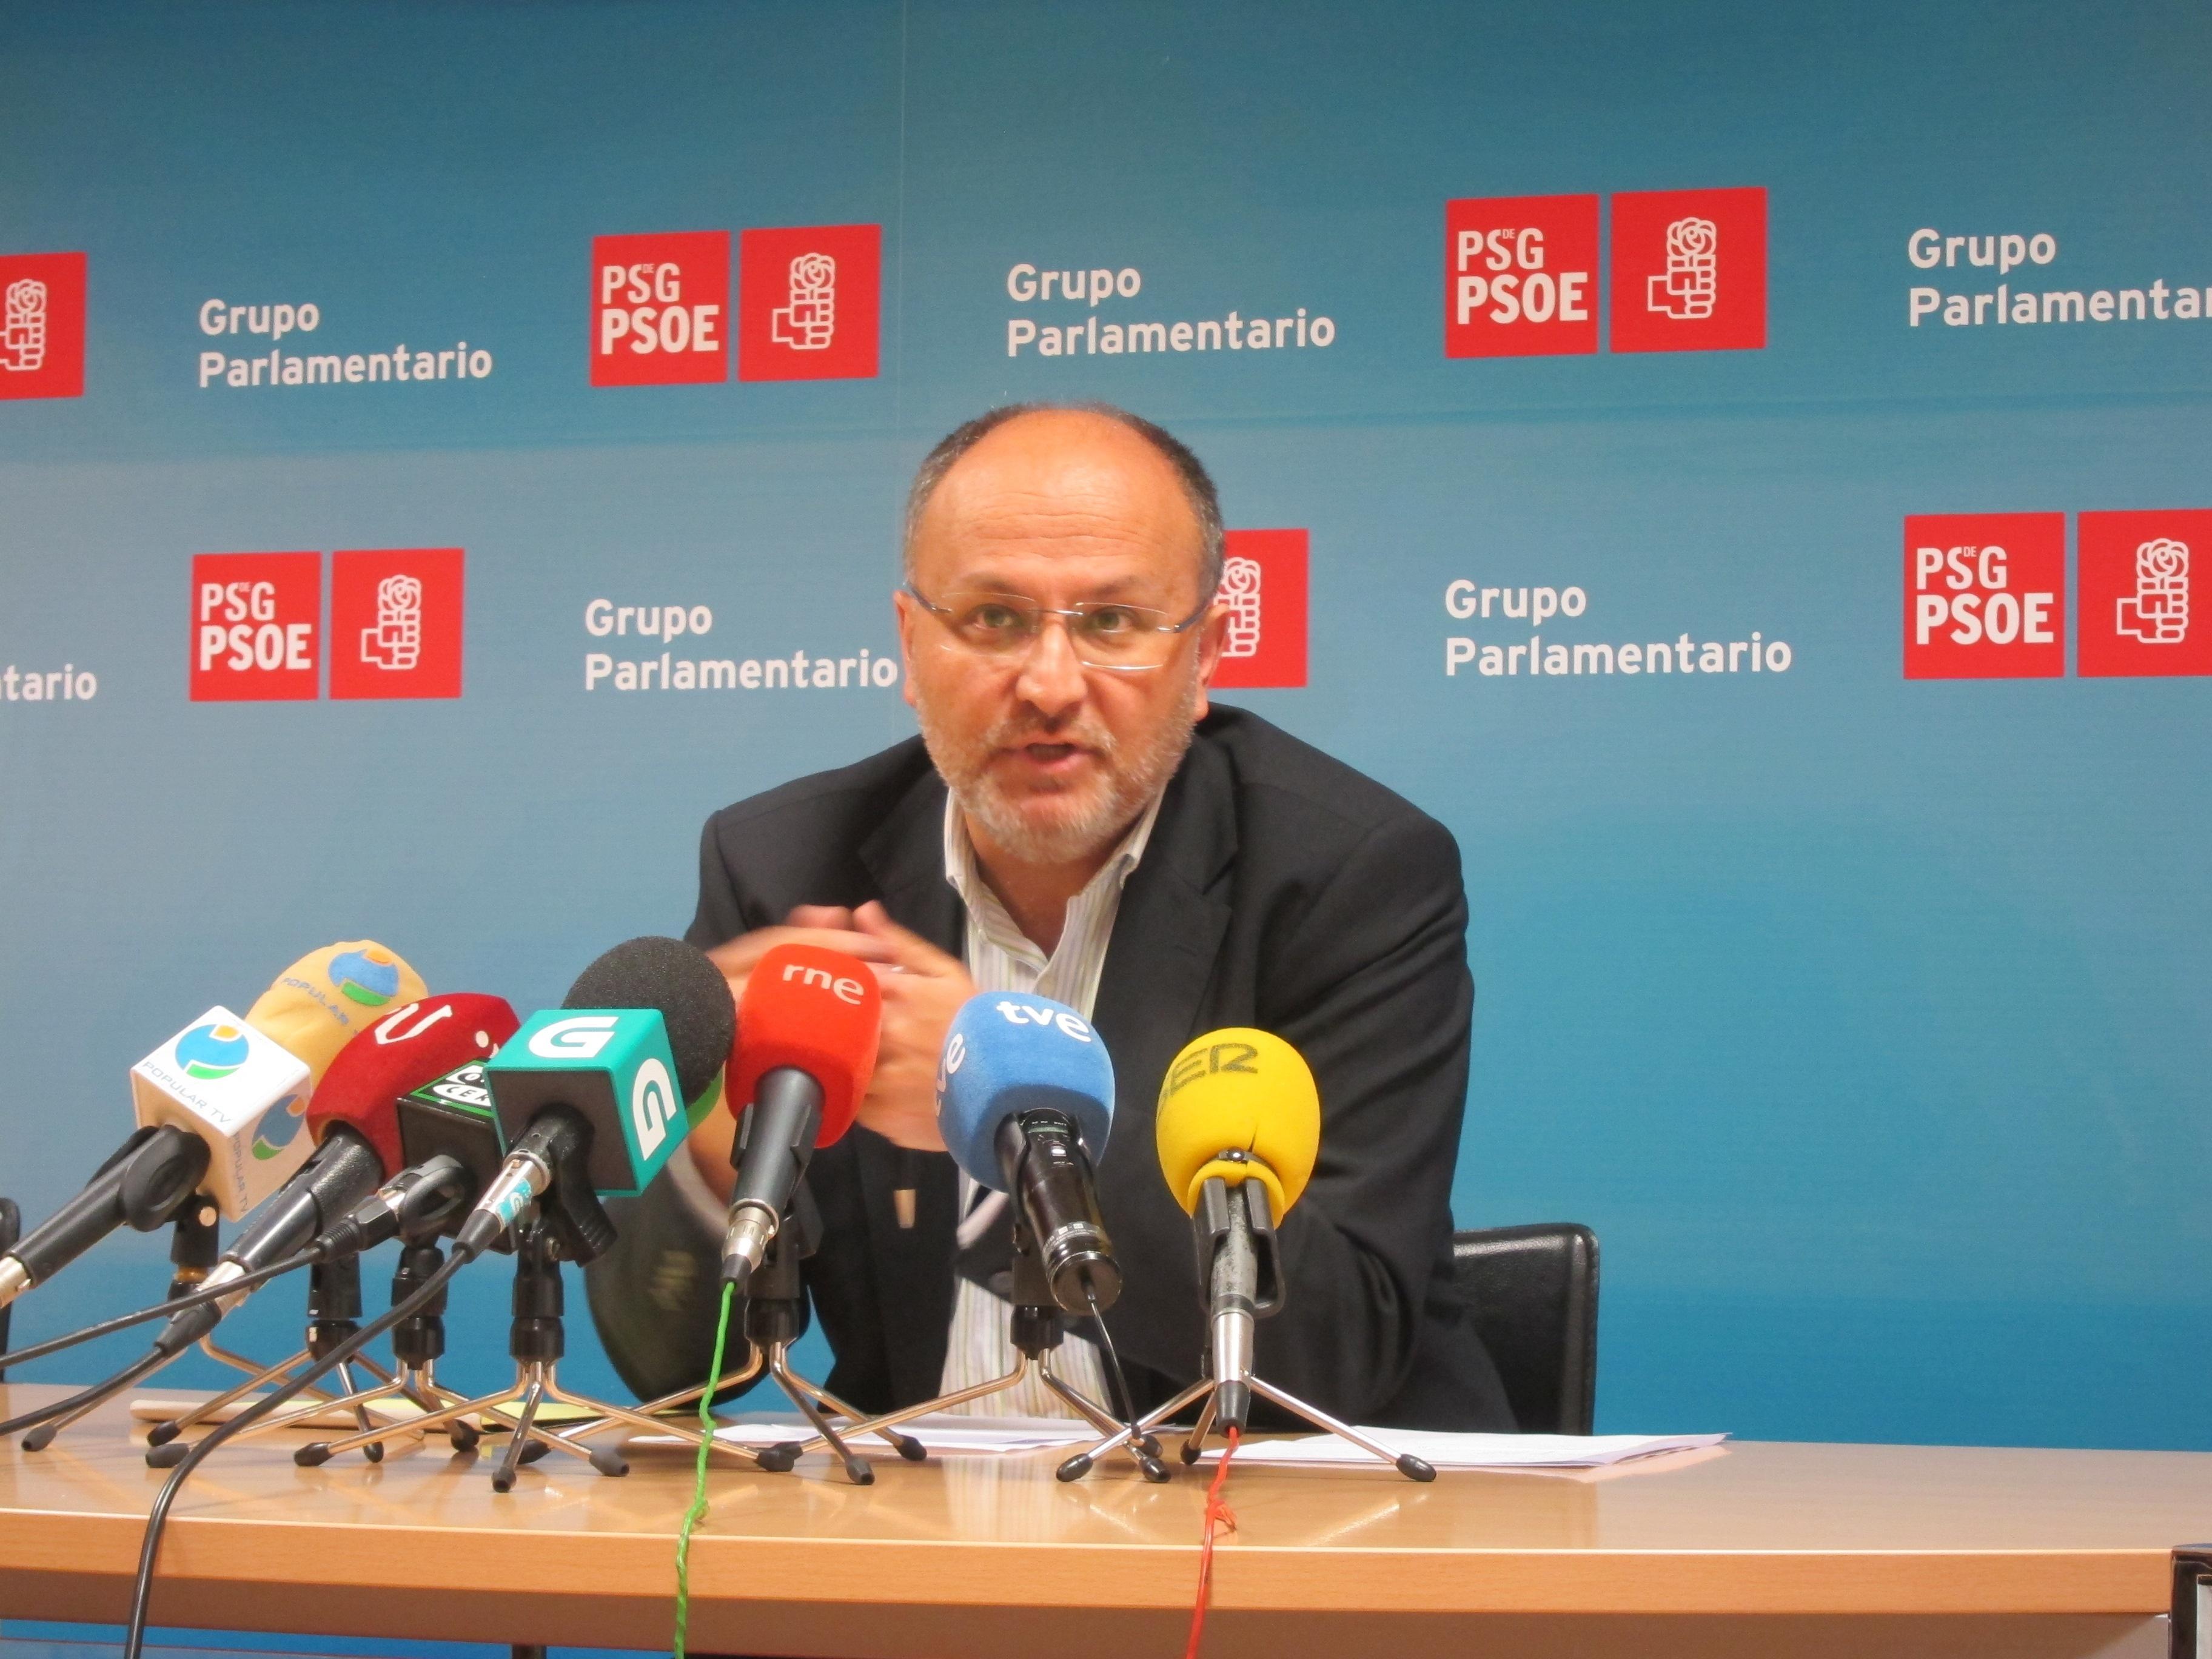 El PSOE propone modificar las cuentas de la Xunta en 465 millones para aumentar el gasto social y en políticas de empleo